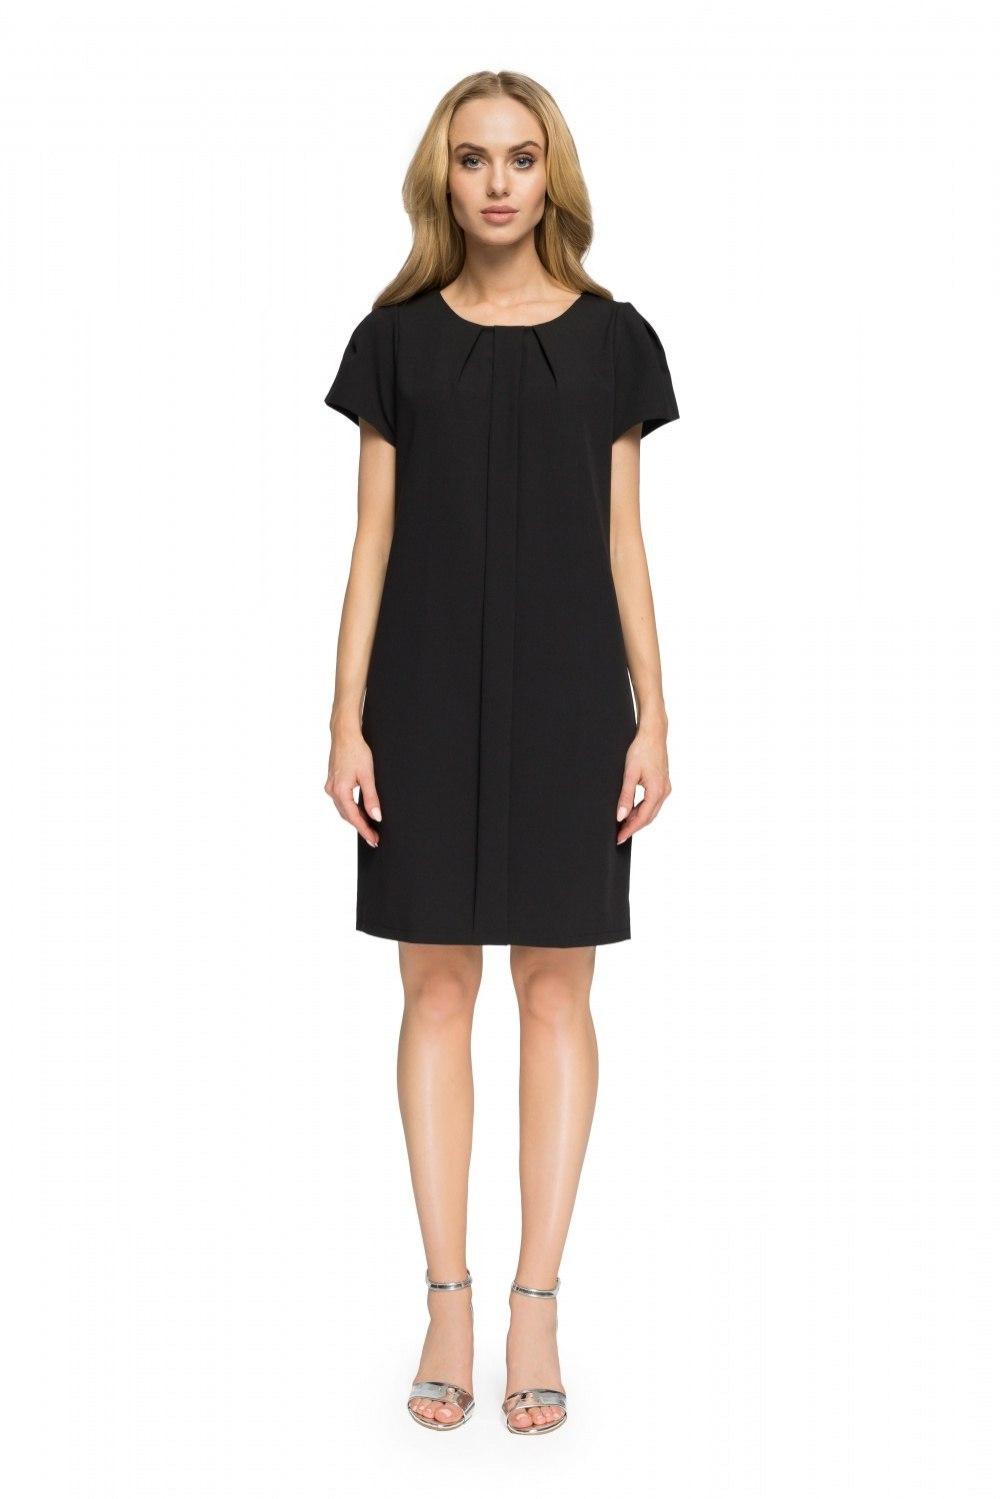 d87b99c78fc7c3 Sukienka Model S023 Black - 7229000294 - oficjalne archiwum allegro